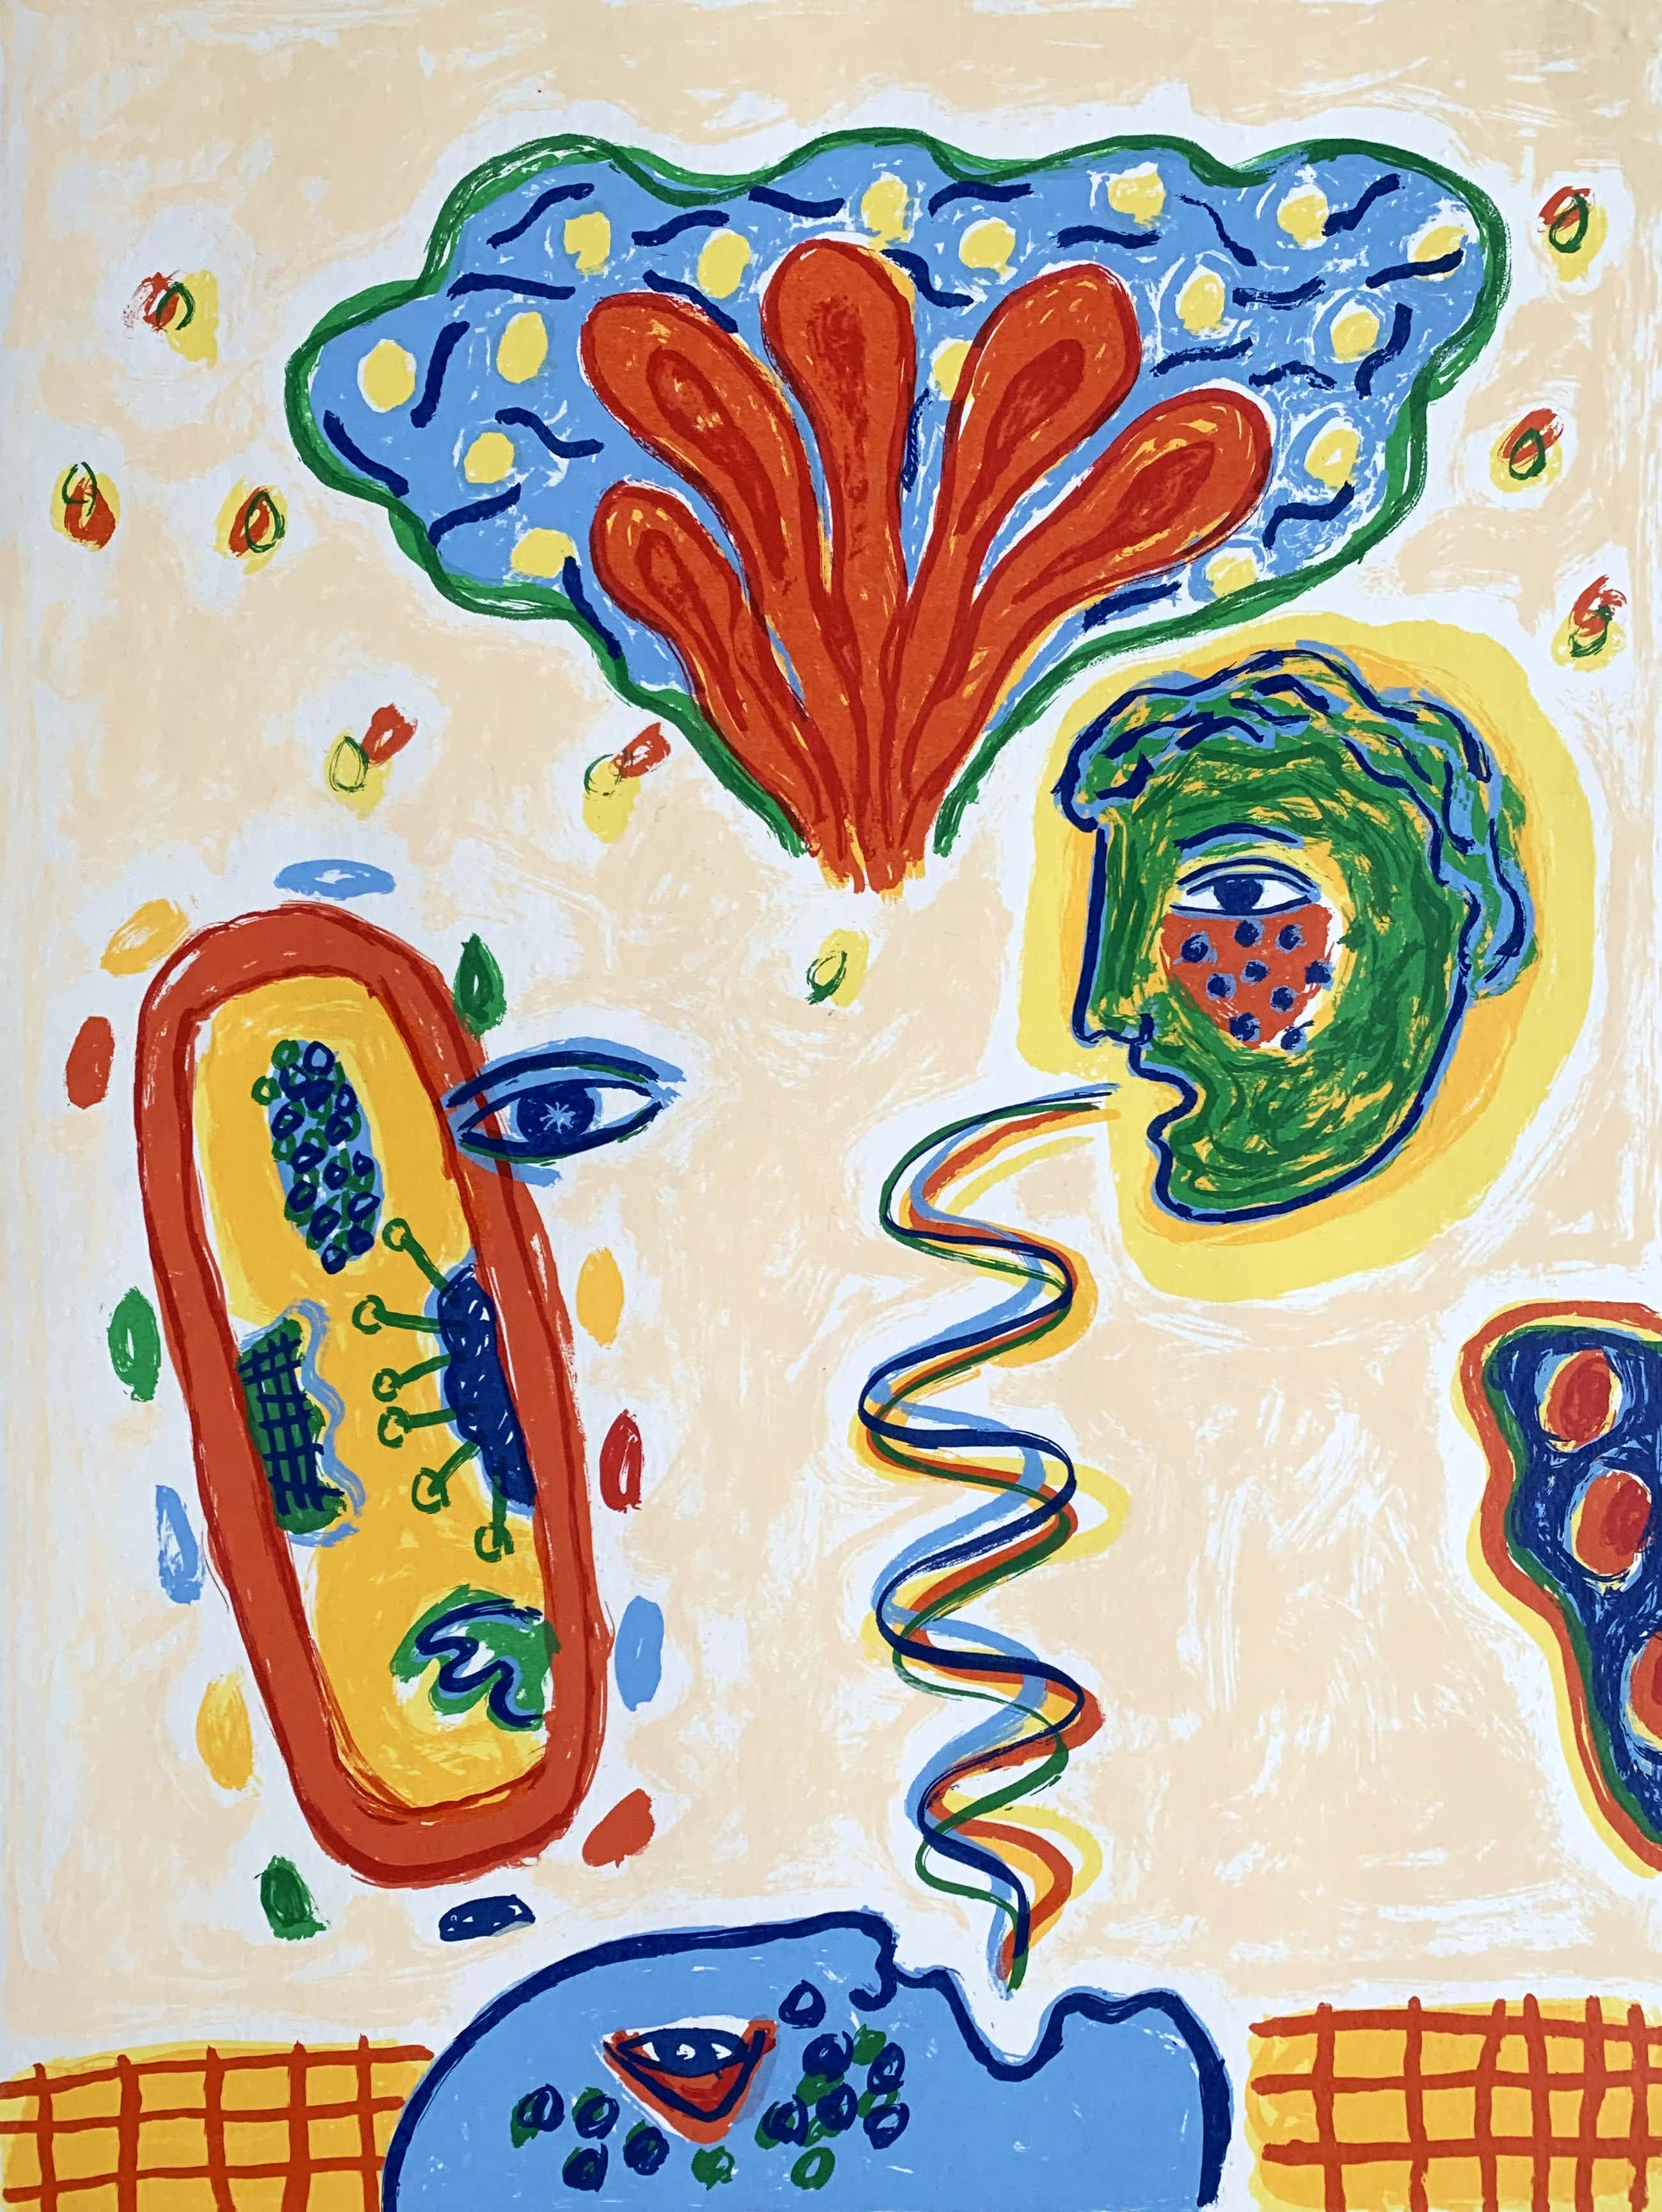 Keimpe Kootstra - Kleurenzeefdruk   'Het gesprek van de dag I' - 1999 kopen? Bied vanaf 25!